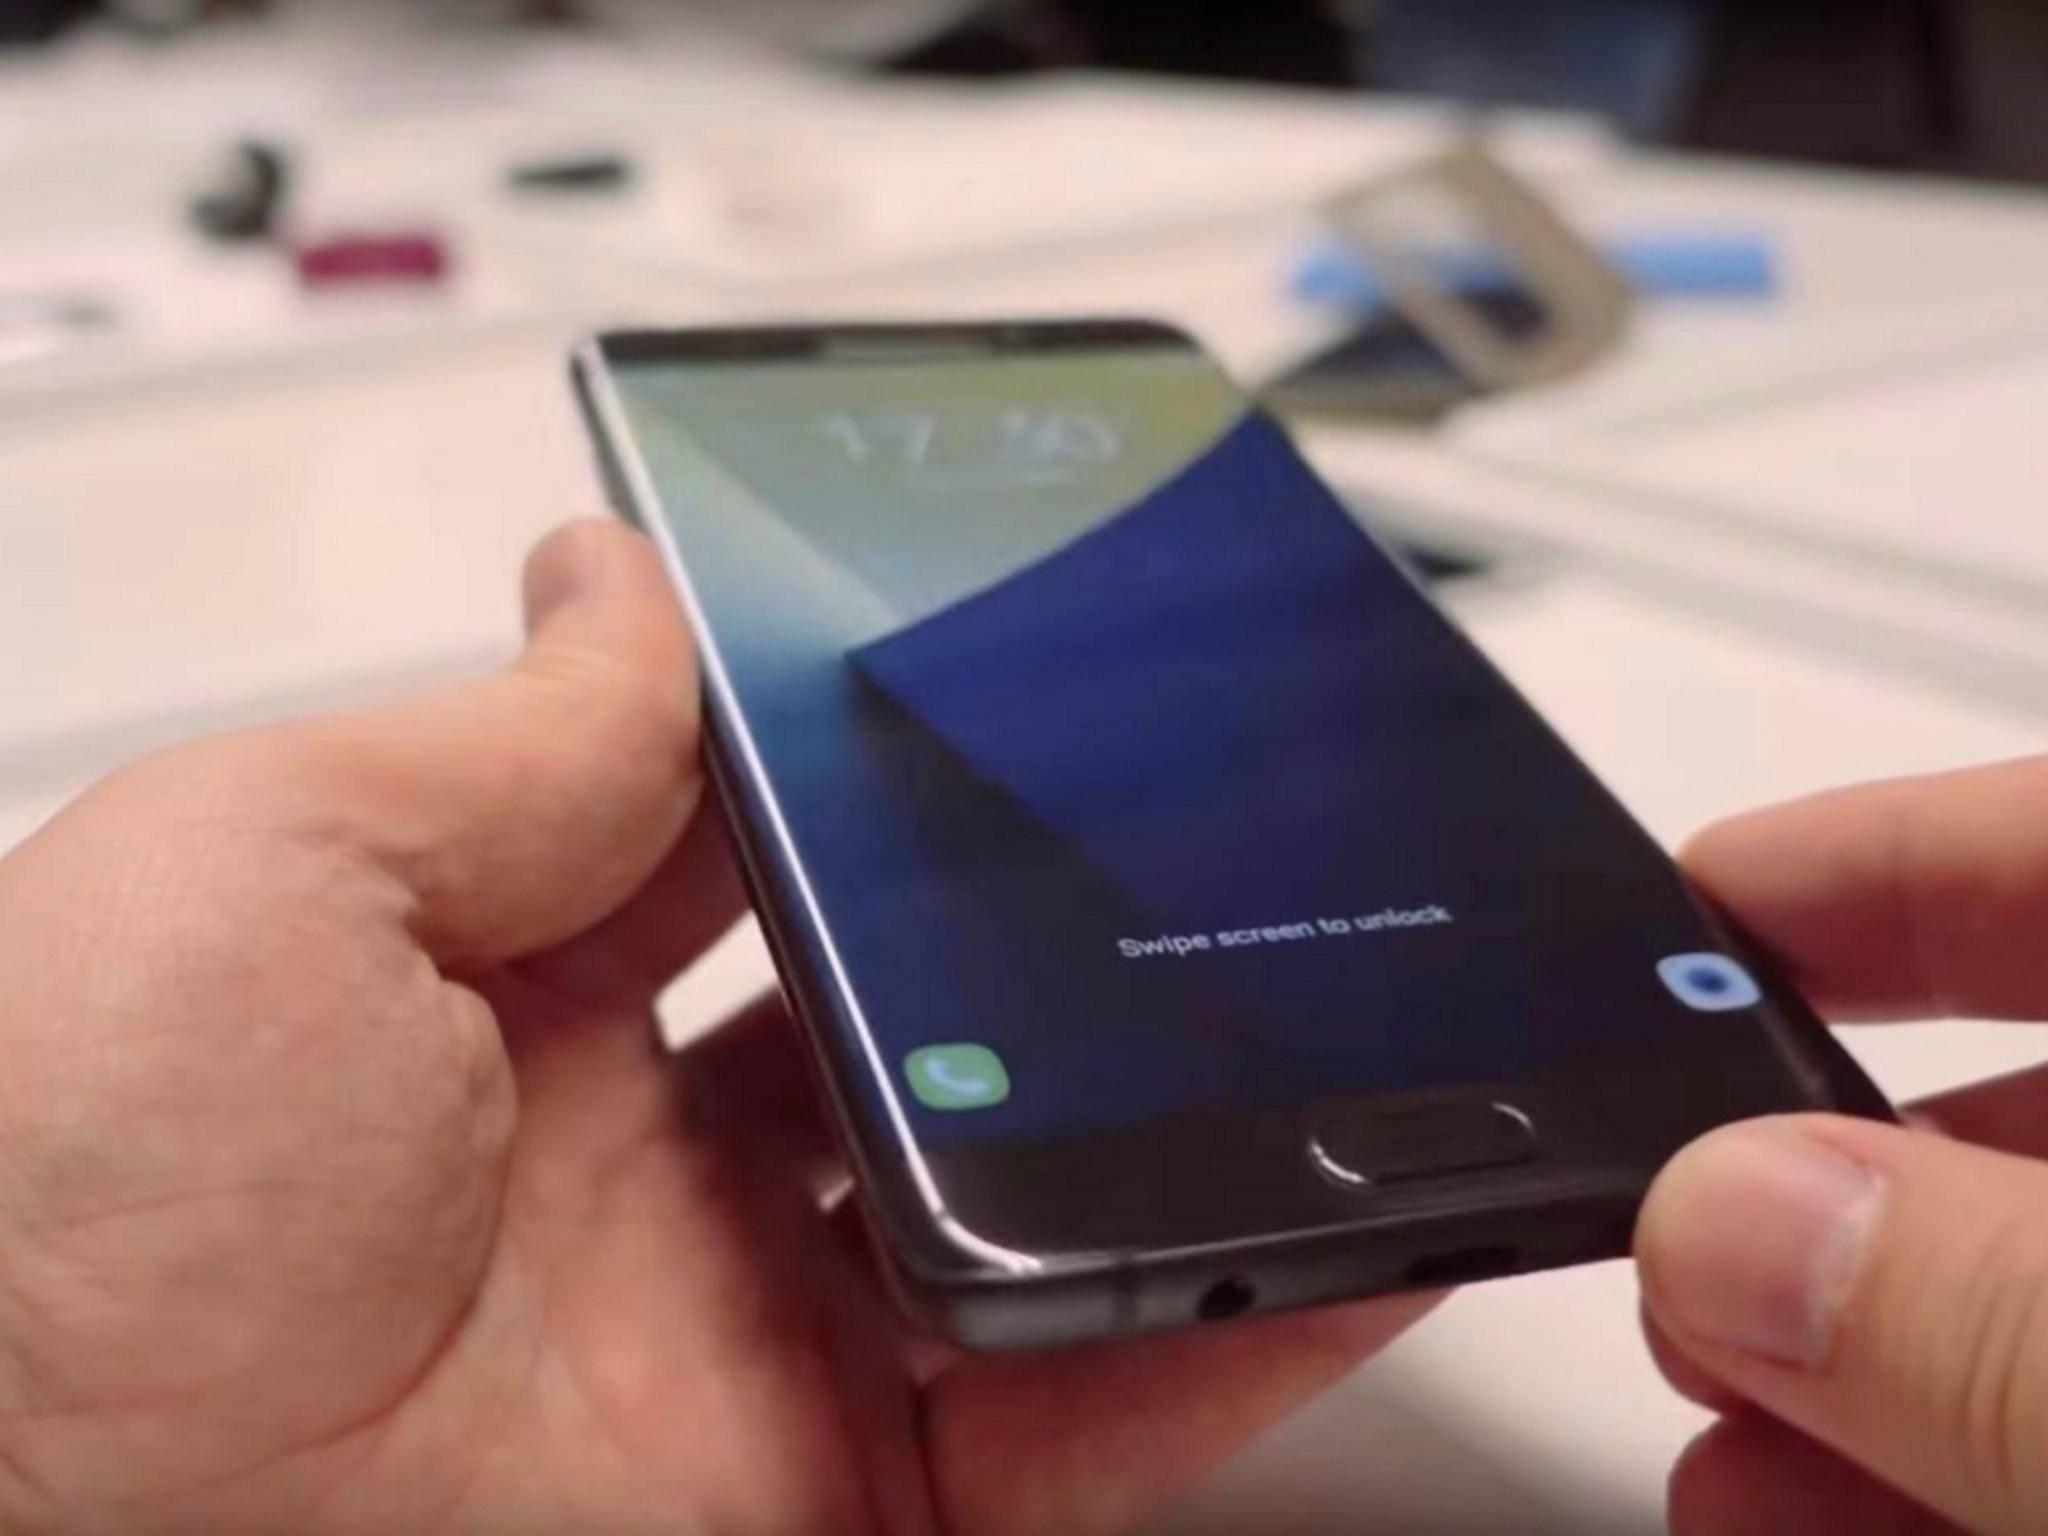 Das Galaxy Note 7 soll beim Aufladen angeblich leicht explodieren können.